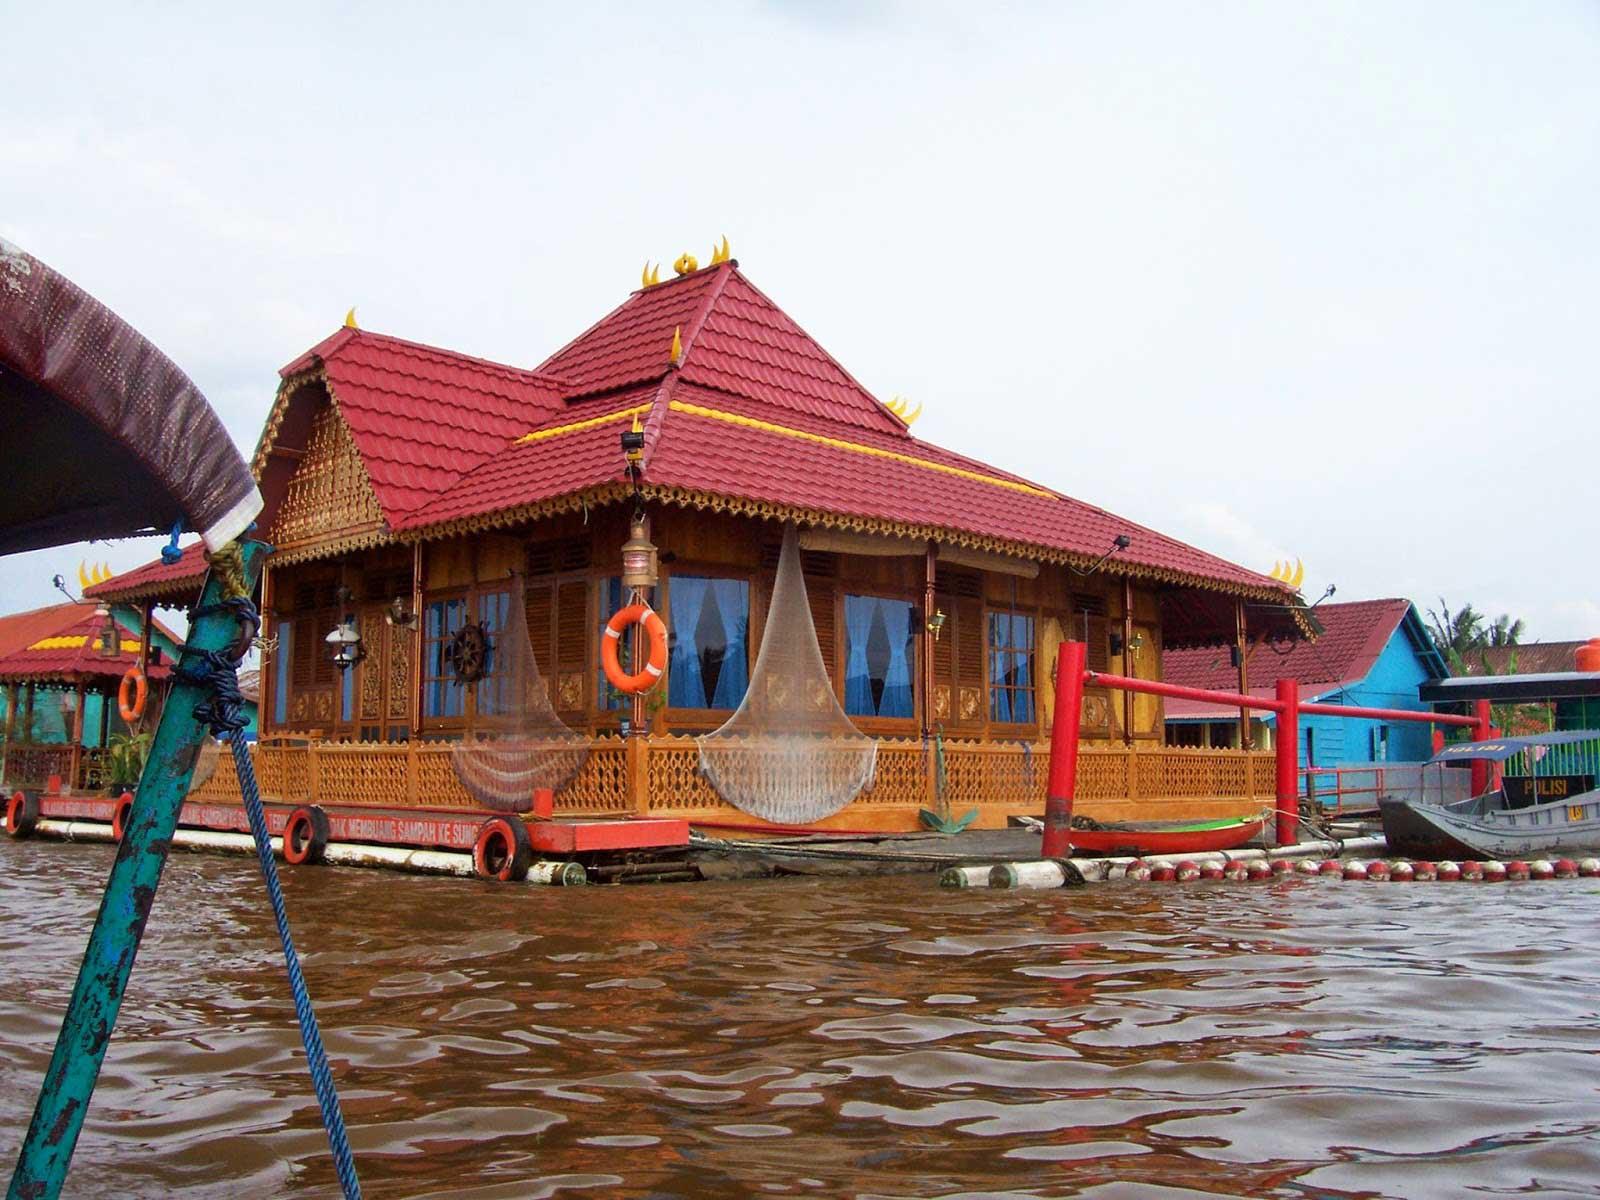 Rumah adat rakit limas 1 - Ragam Rumah Adat Tradisional Indonesia Bukti Keragaman Budaya